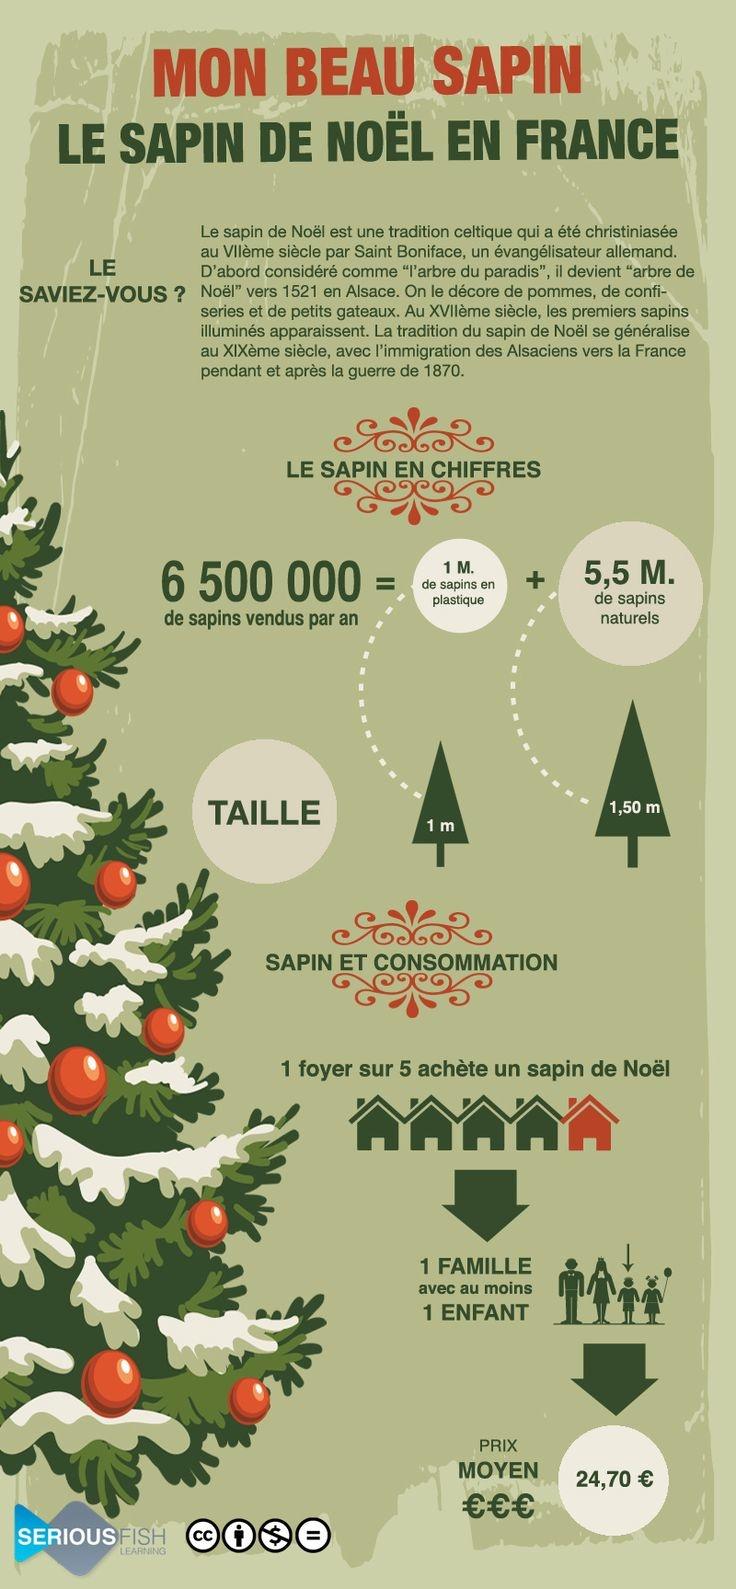 Les sapins de Noël en France